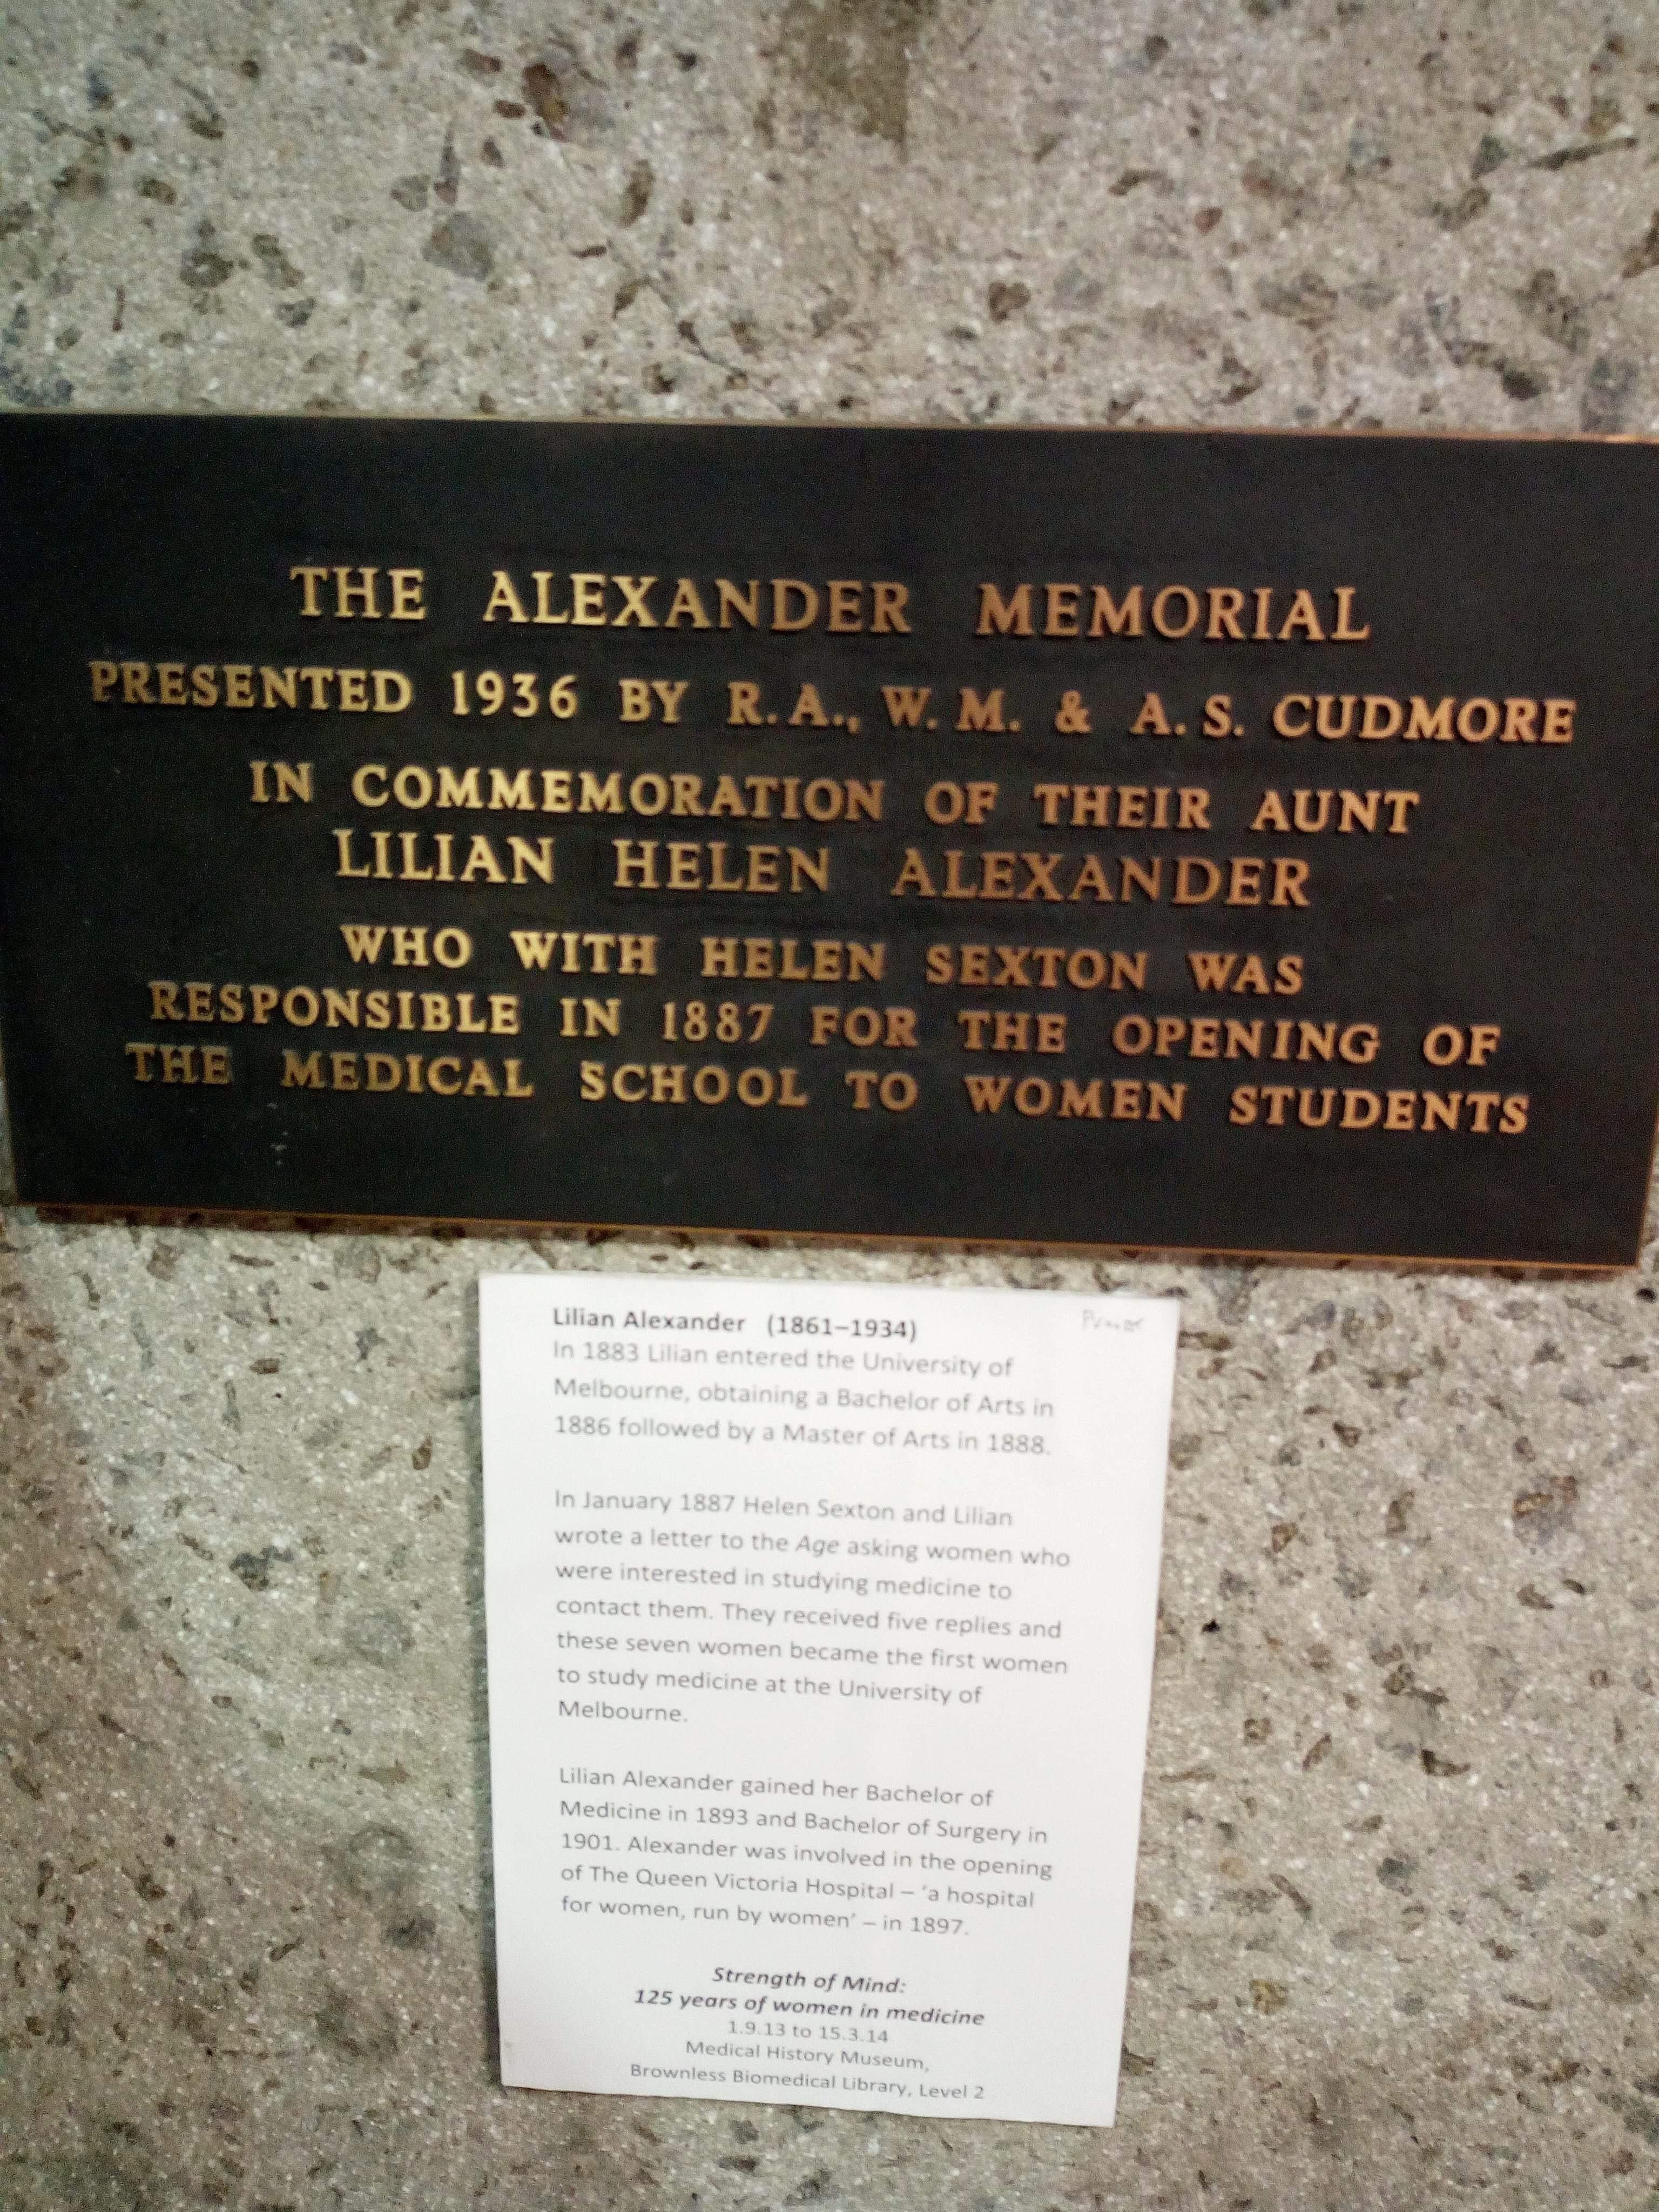 Alexander memorial plaque